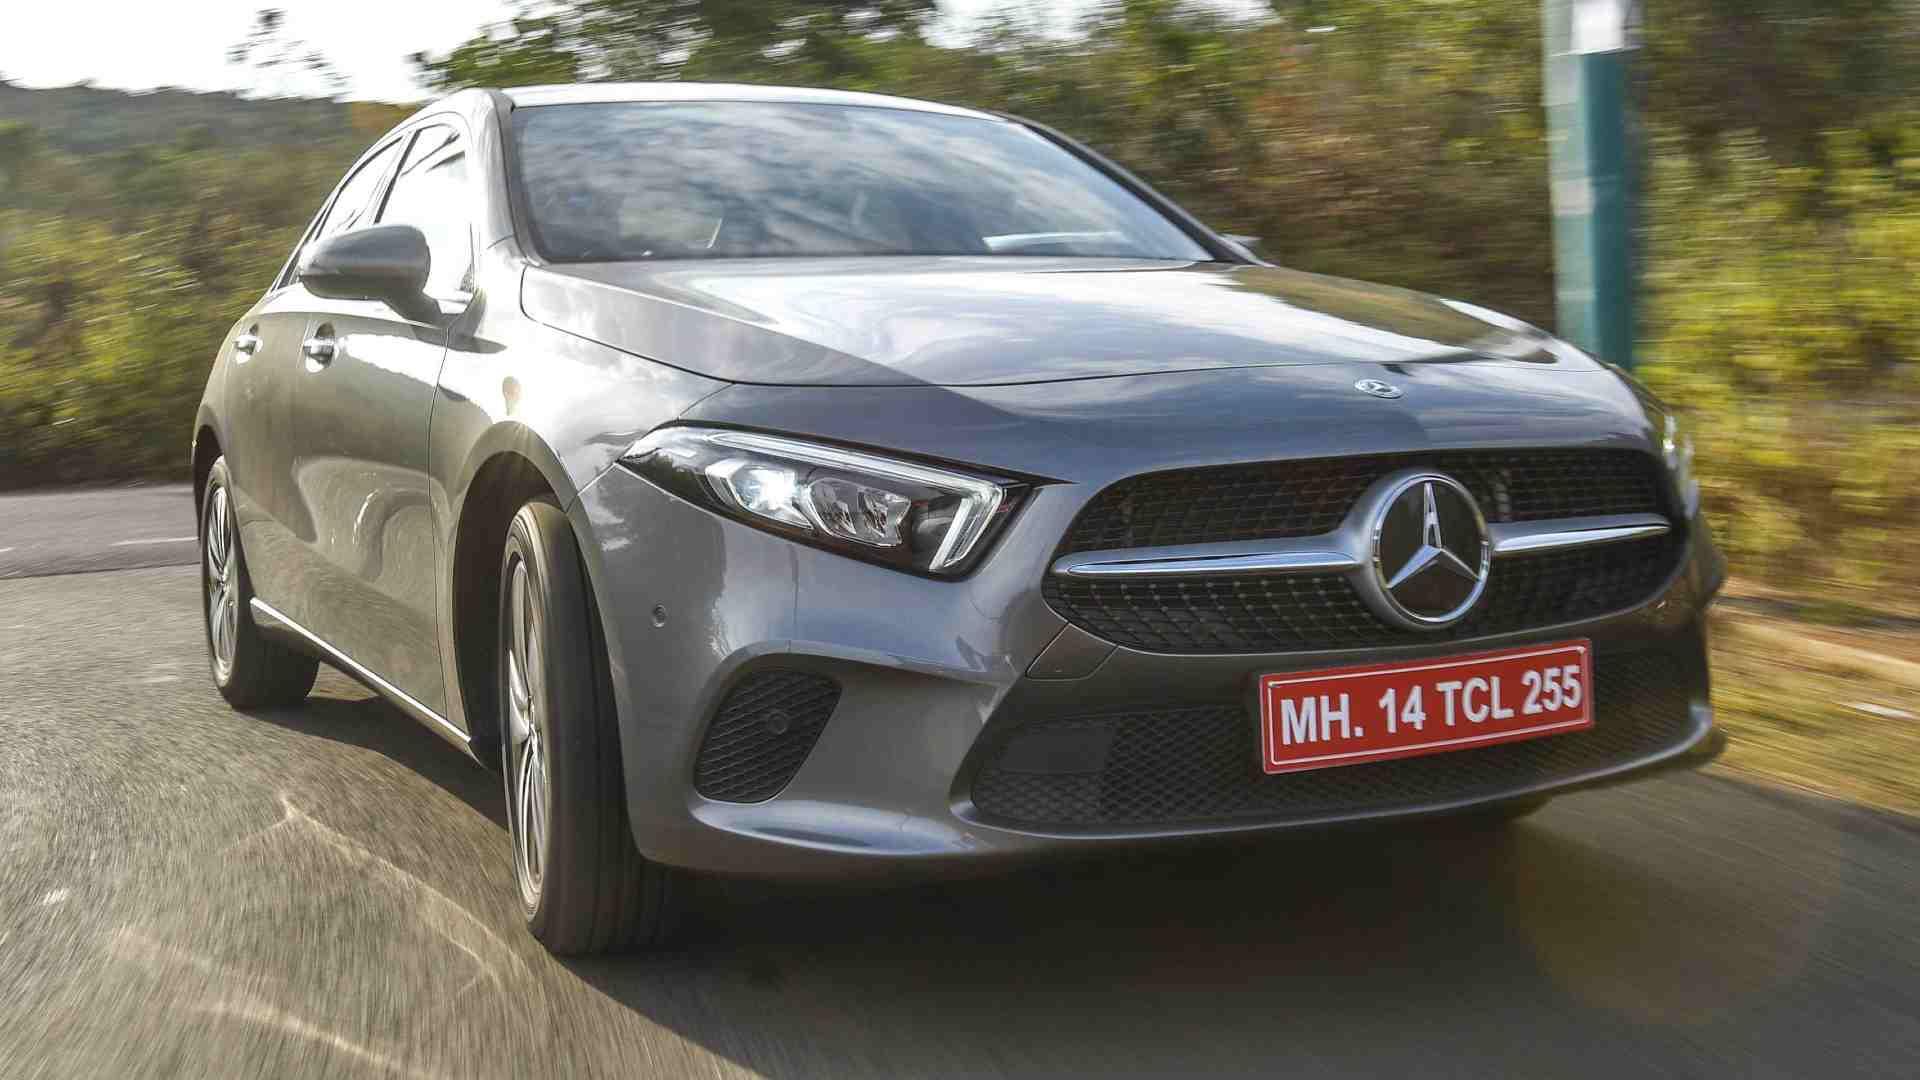 Mercedes-Benz A-Class Limousine India review- Technology News, Gadgetclock